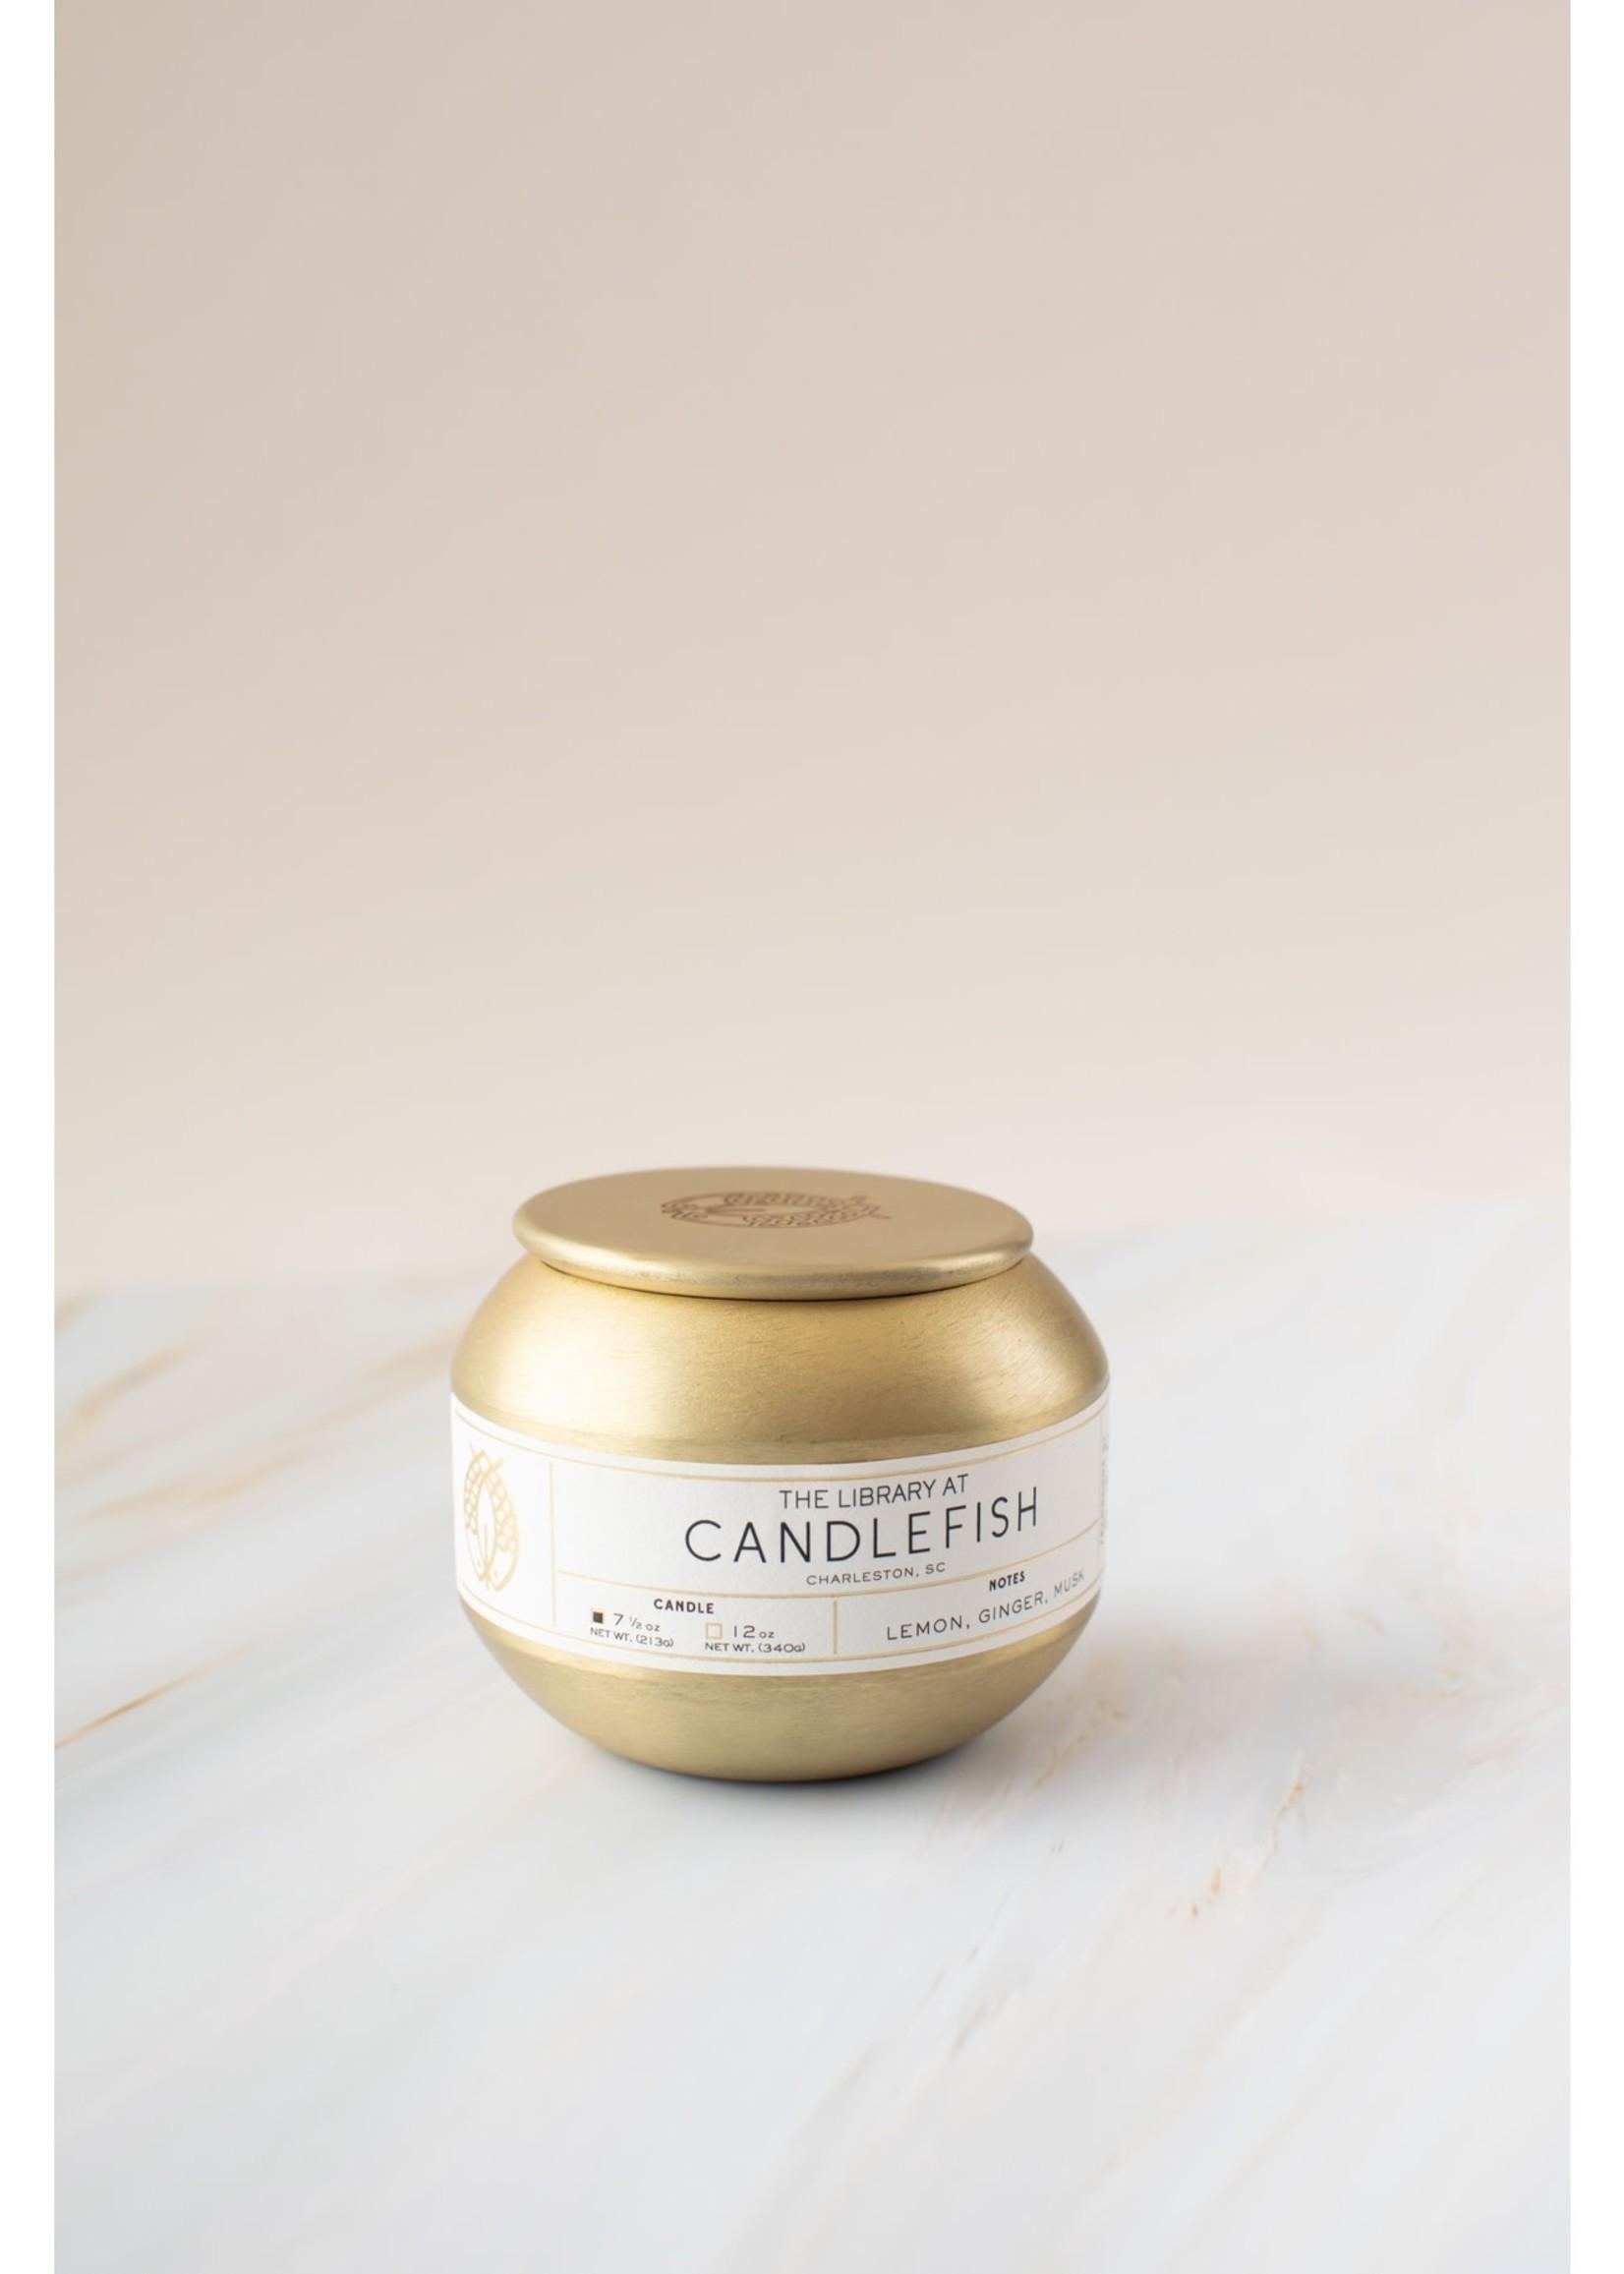 No. 70 Gold Tin Candle 7.5 oz